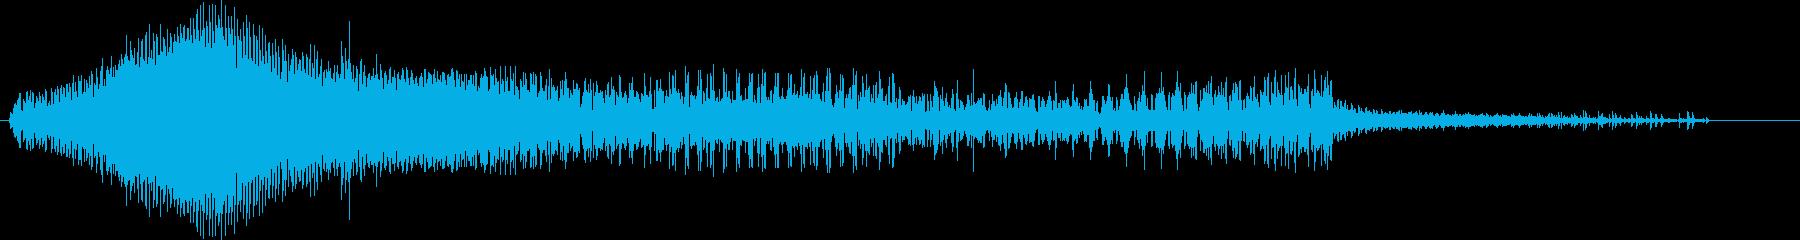 ブルサード:アイドル/タクシー/オ...の再生済みの波形